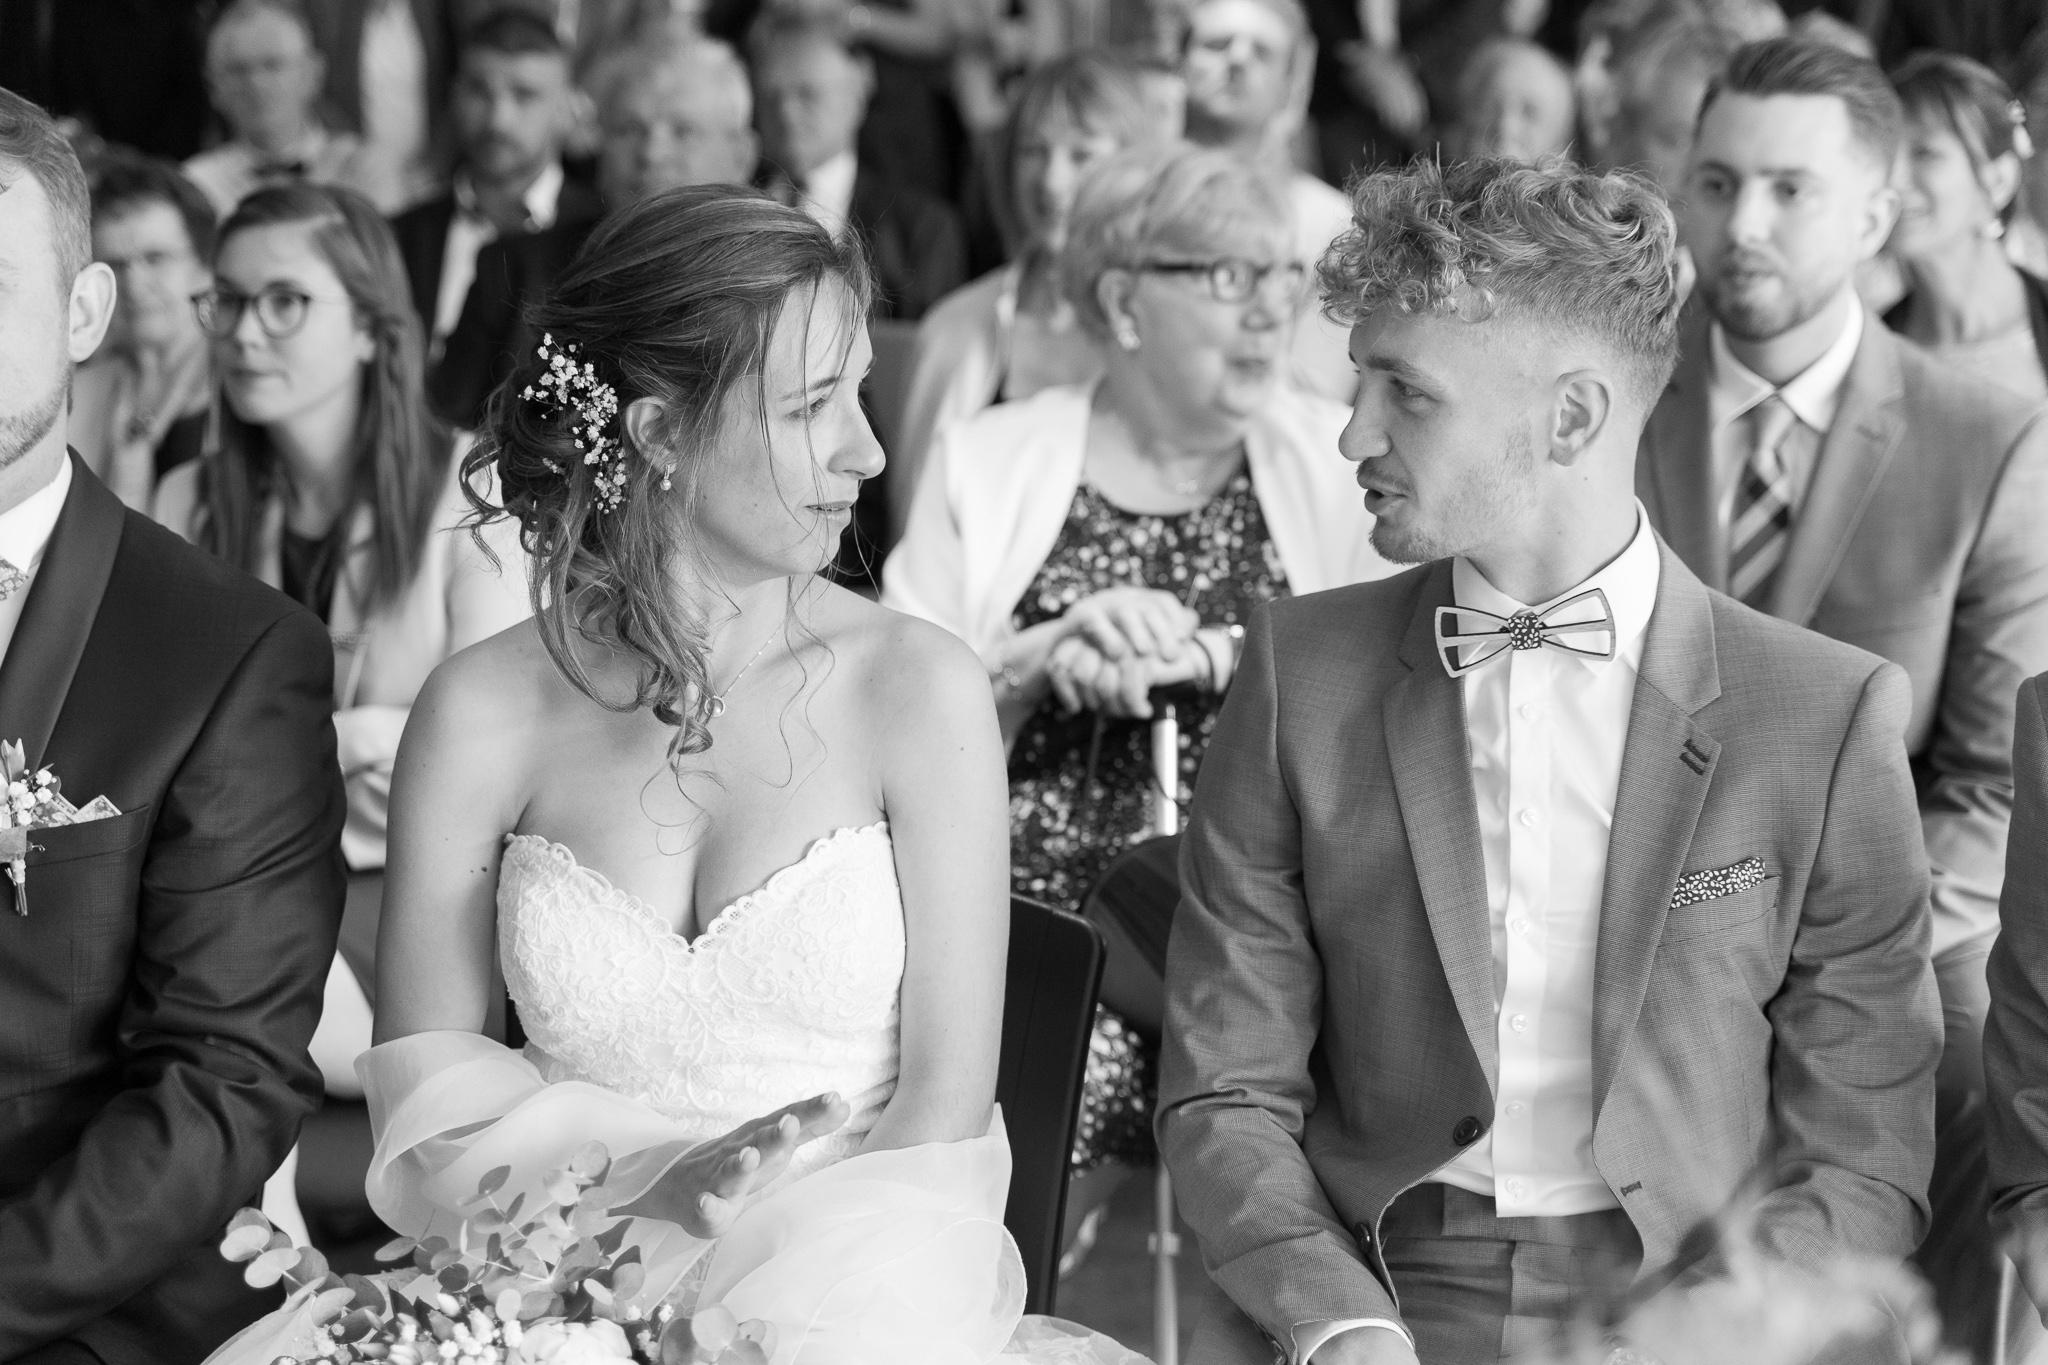 mariage wedding nantes noeud papillon bois atelier dernest 14